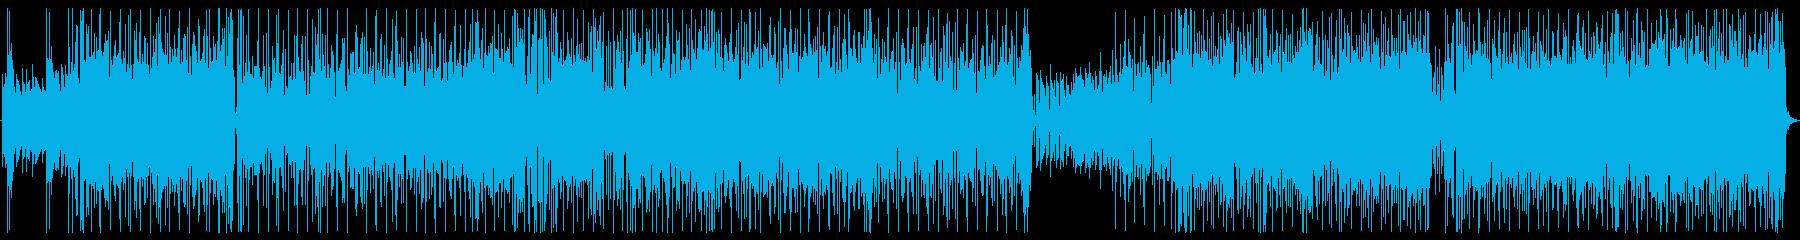 サイケでファンキーなロックチューンBGMの再生済みの波形